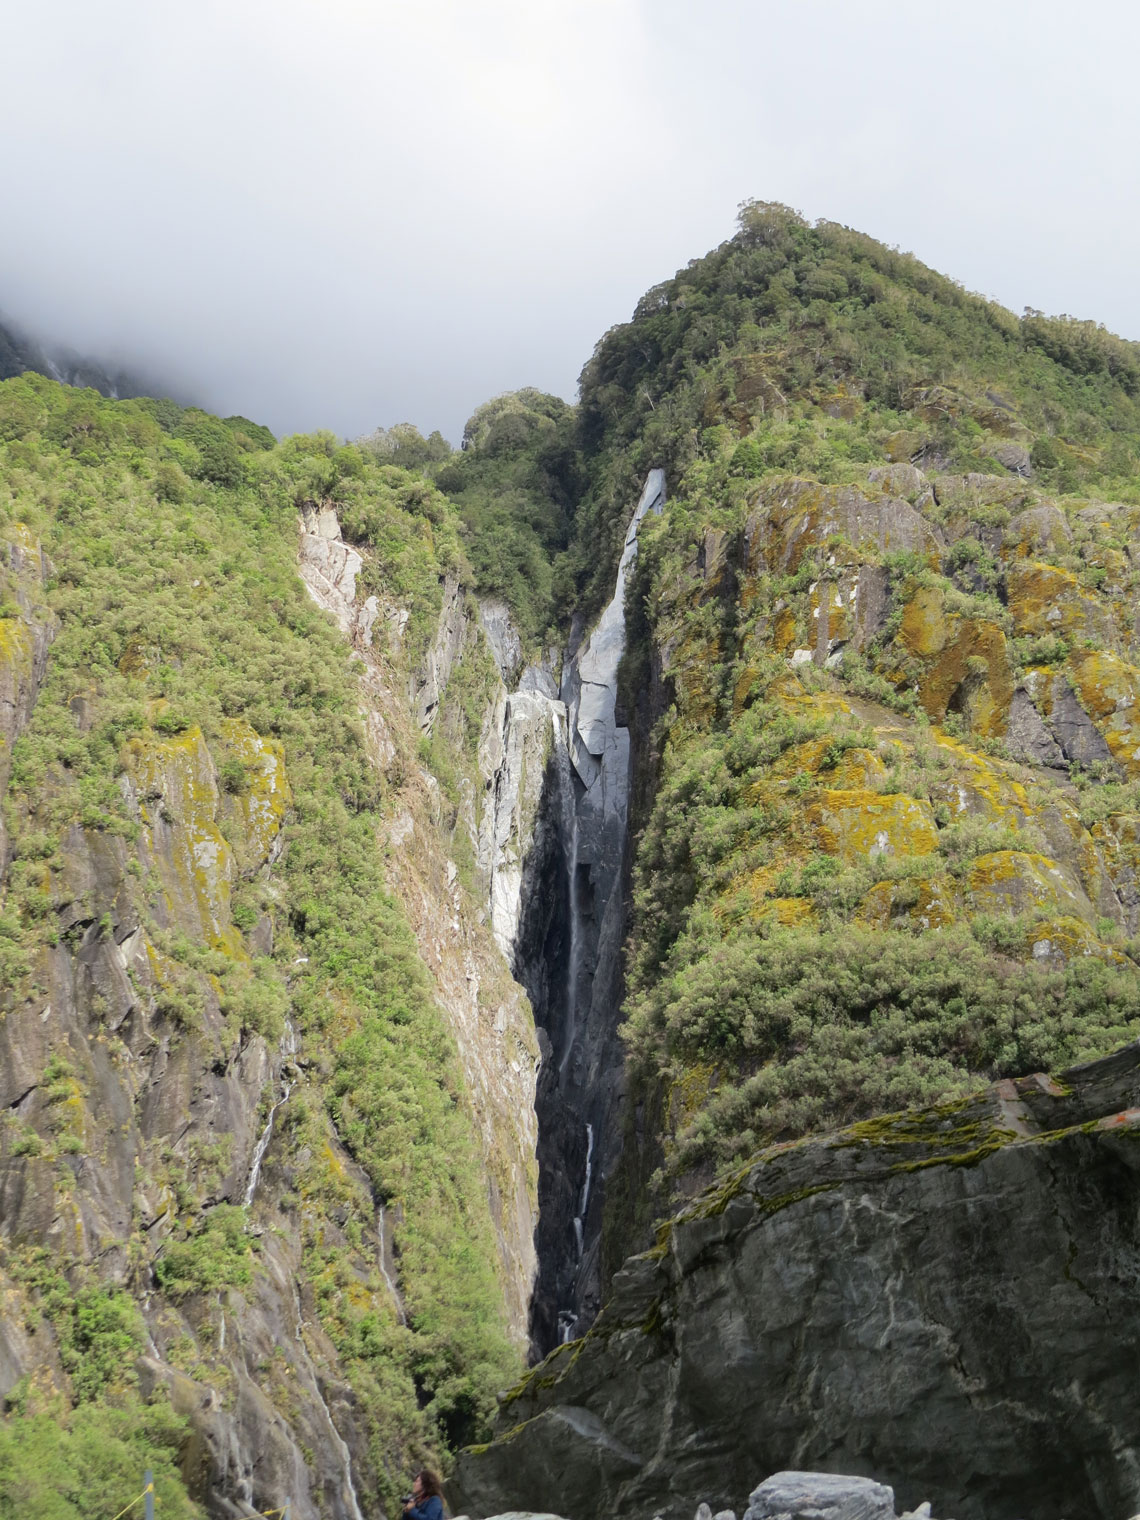 Ein Wasserfall auf dem Weg zum Franz Josef Gletscher